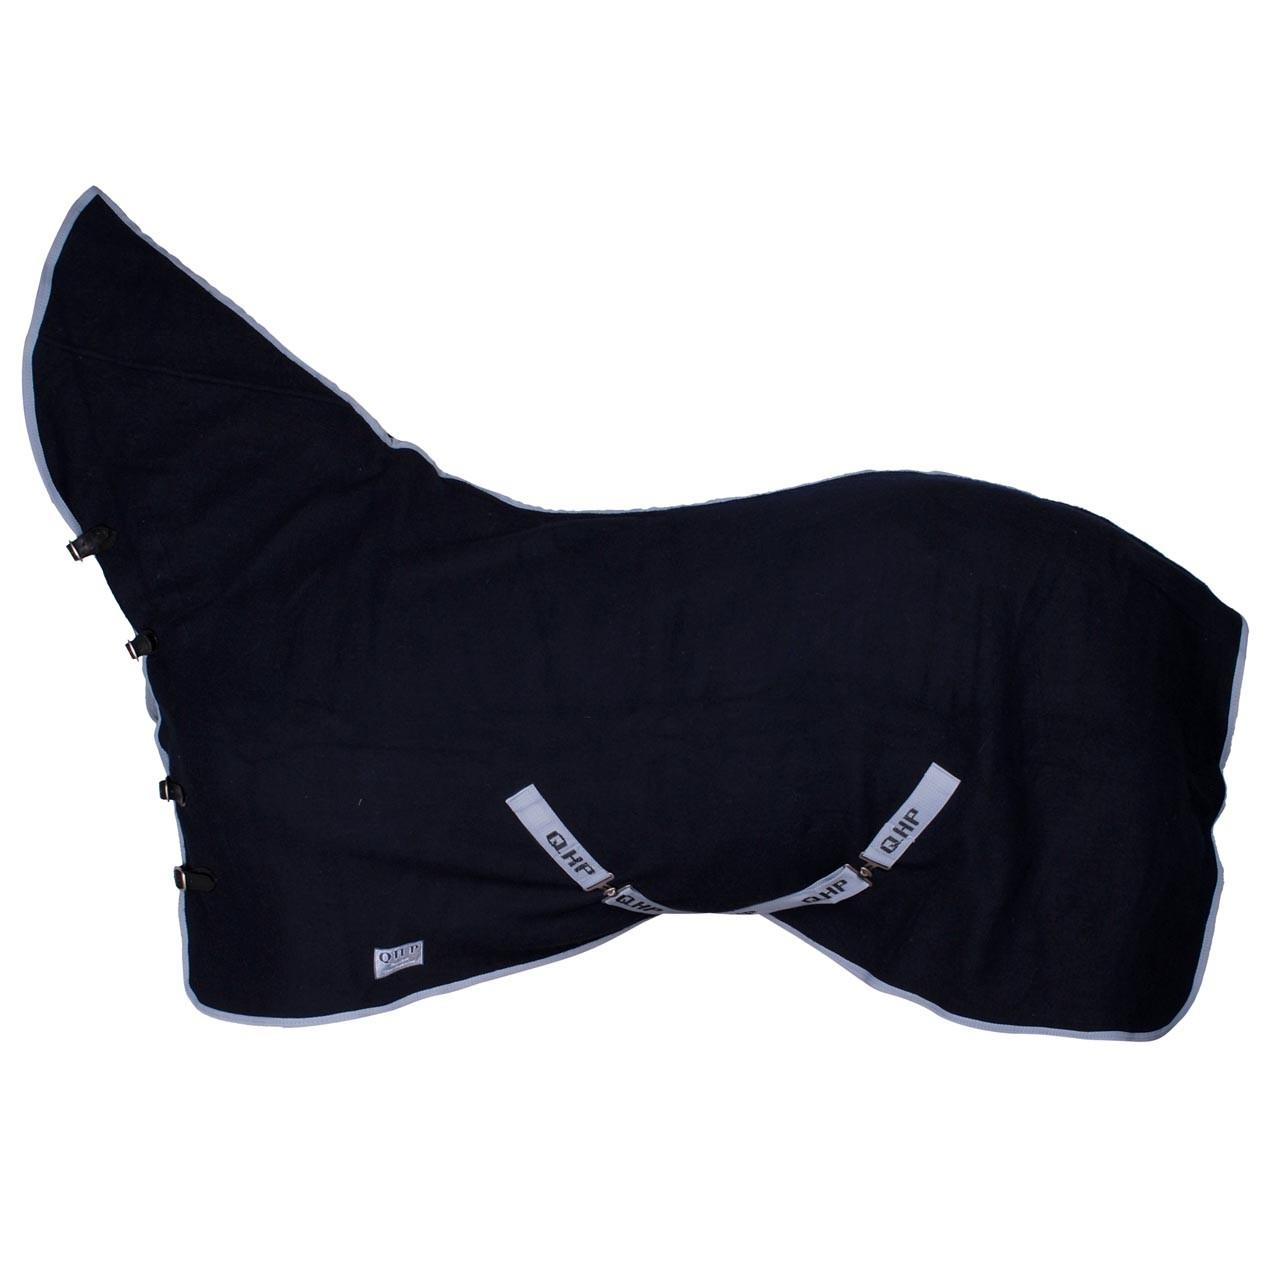 QHP wollen deken met hals donkerblauw maat:185